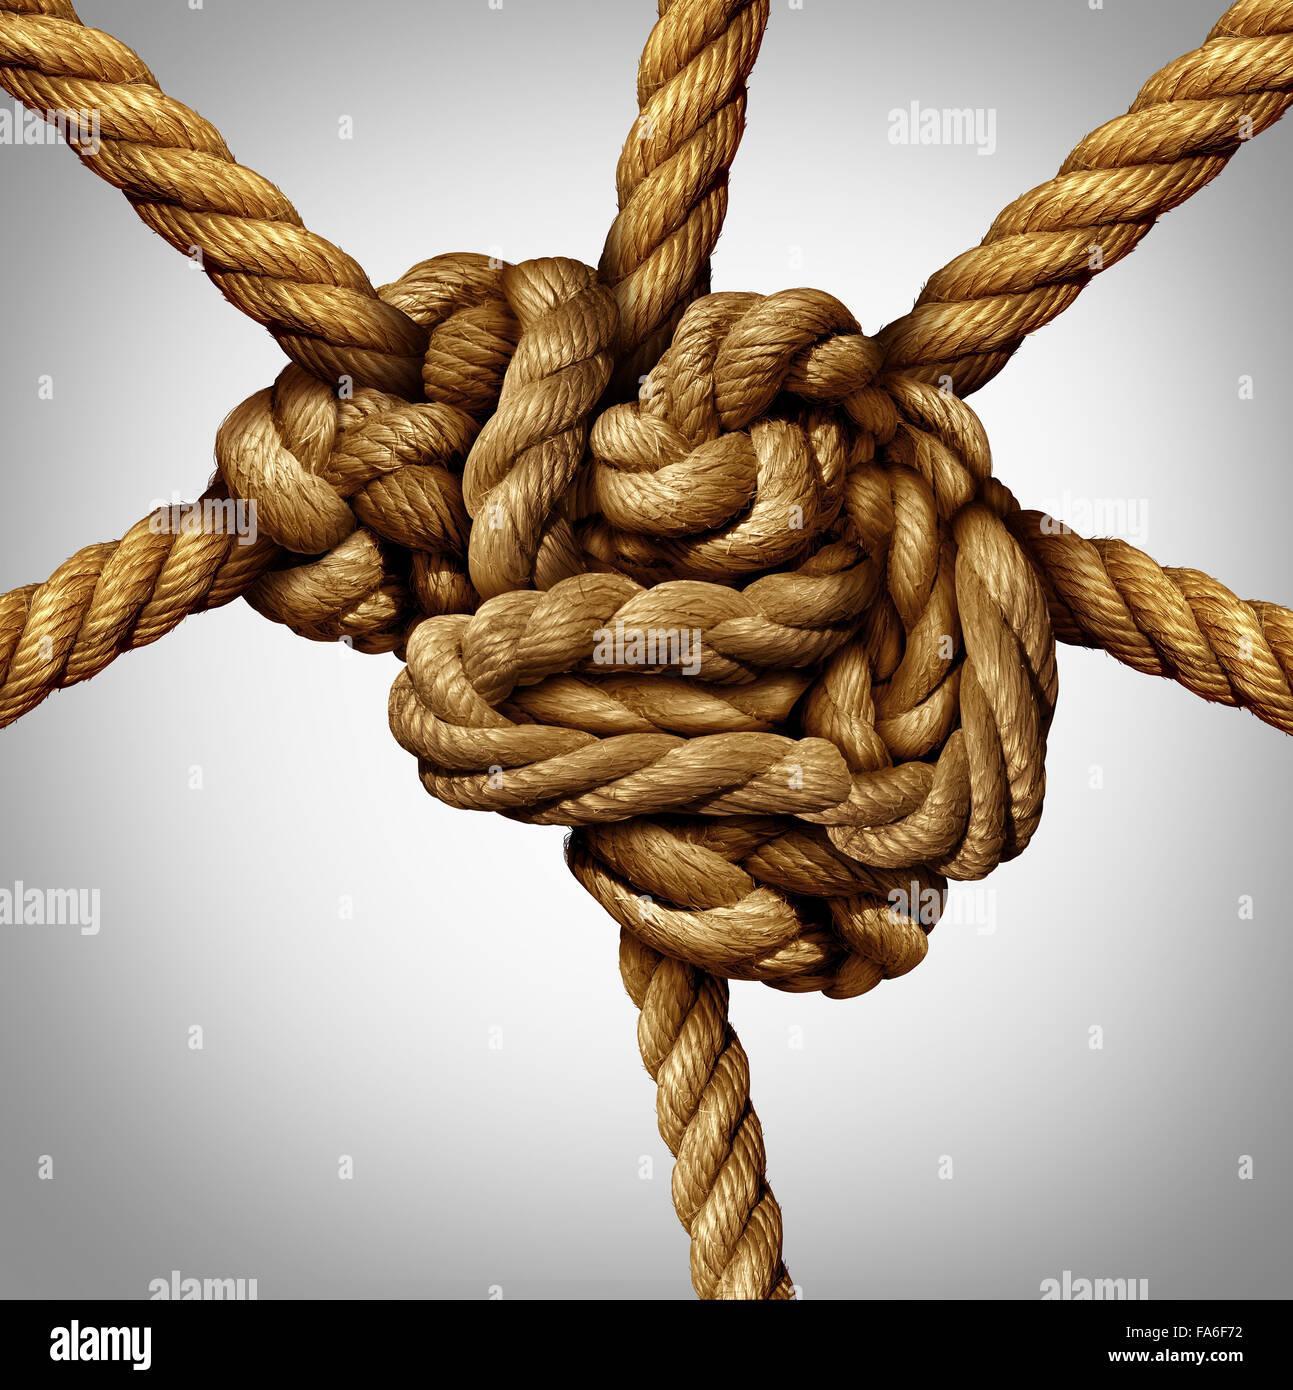 Concepto de proceso creativo y la creatividad y el cerebro como un grupo de cables enredados en forma de la mente Imagen De Stock